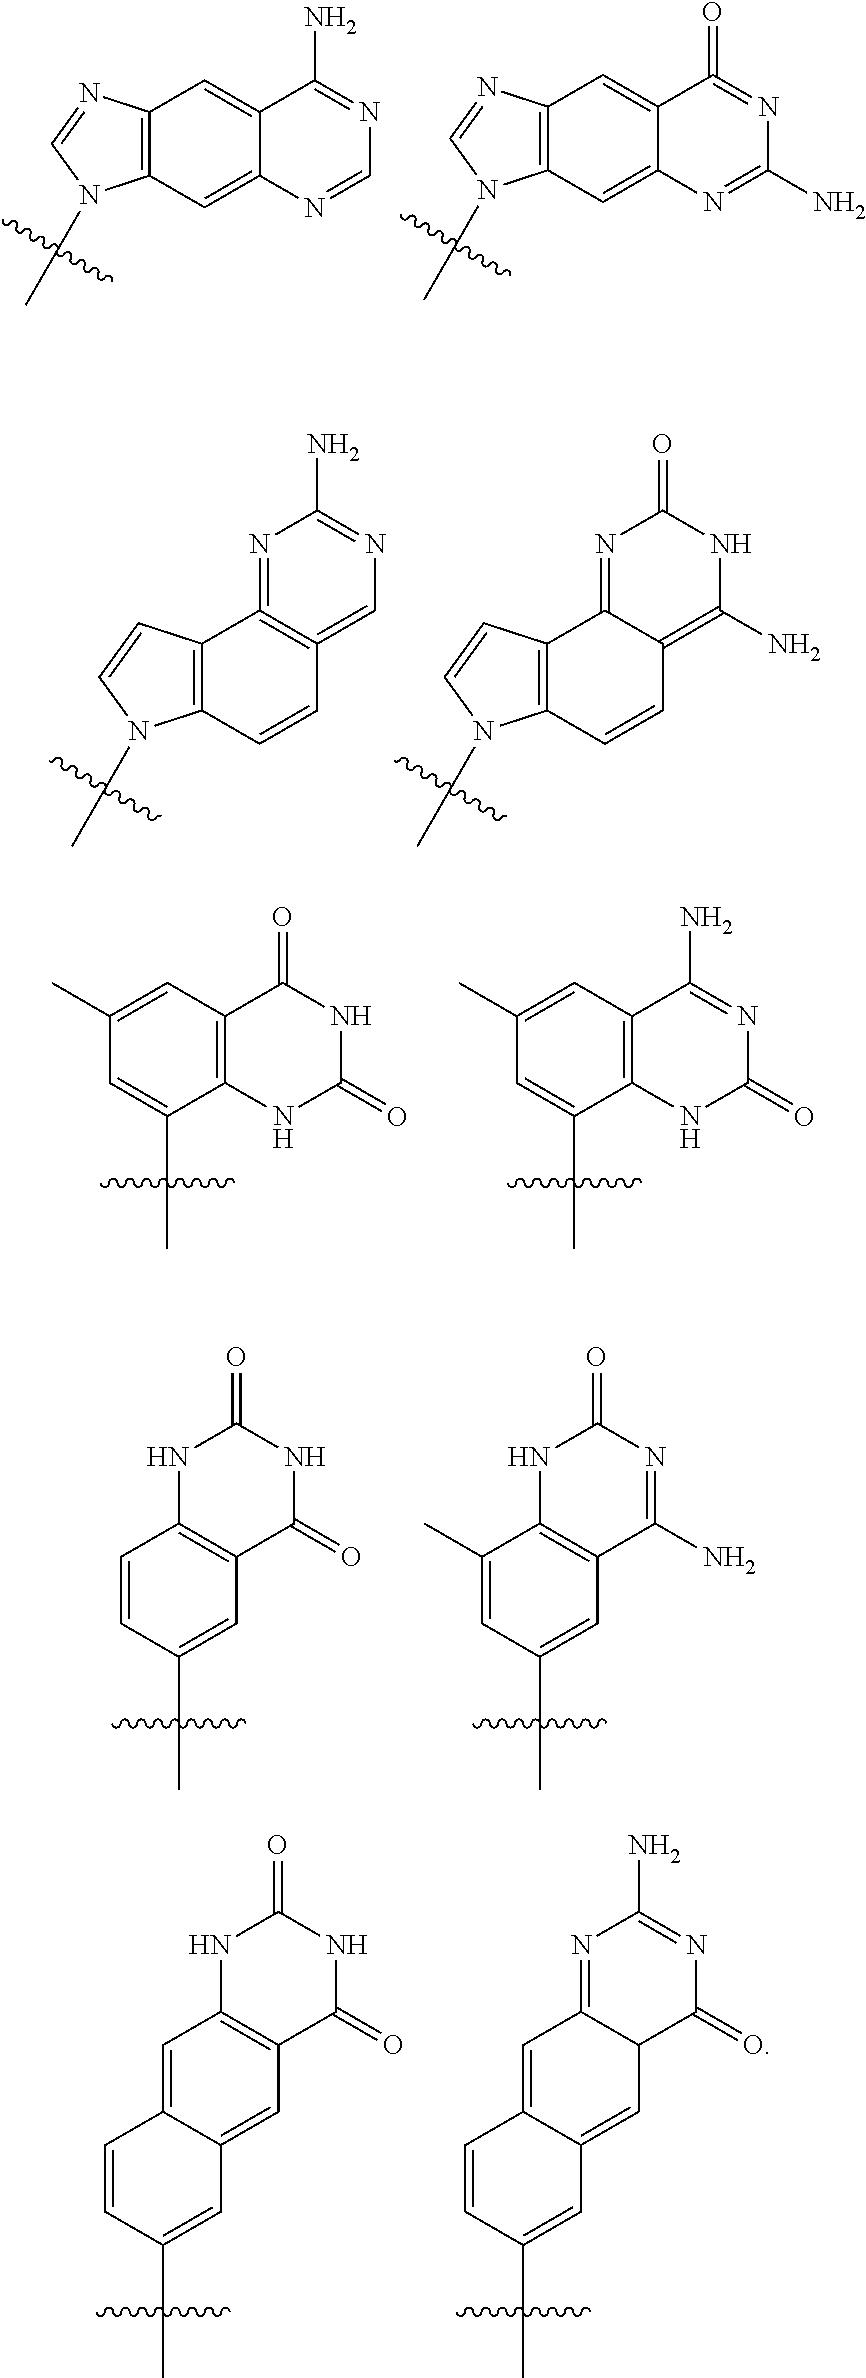 Figure US09605019-20170328-C00037